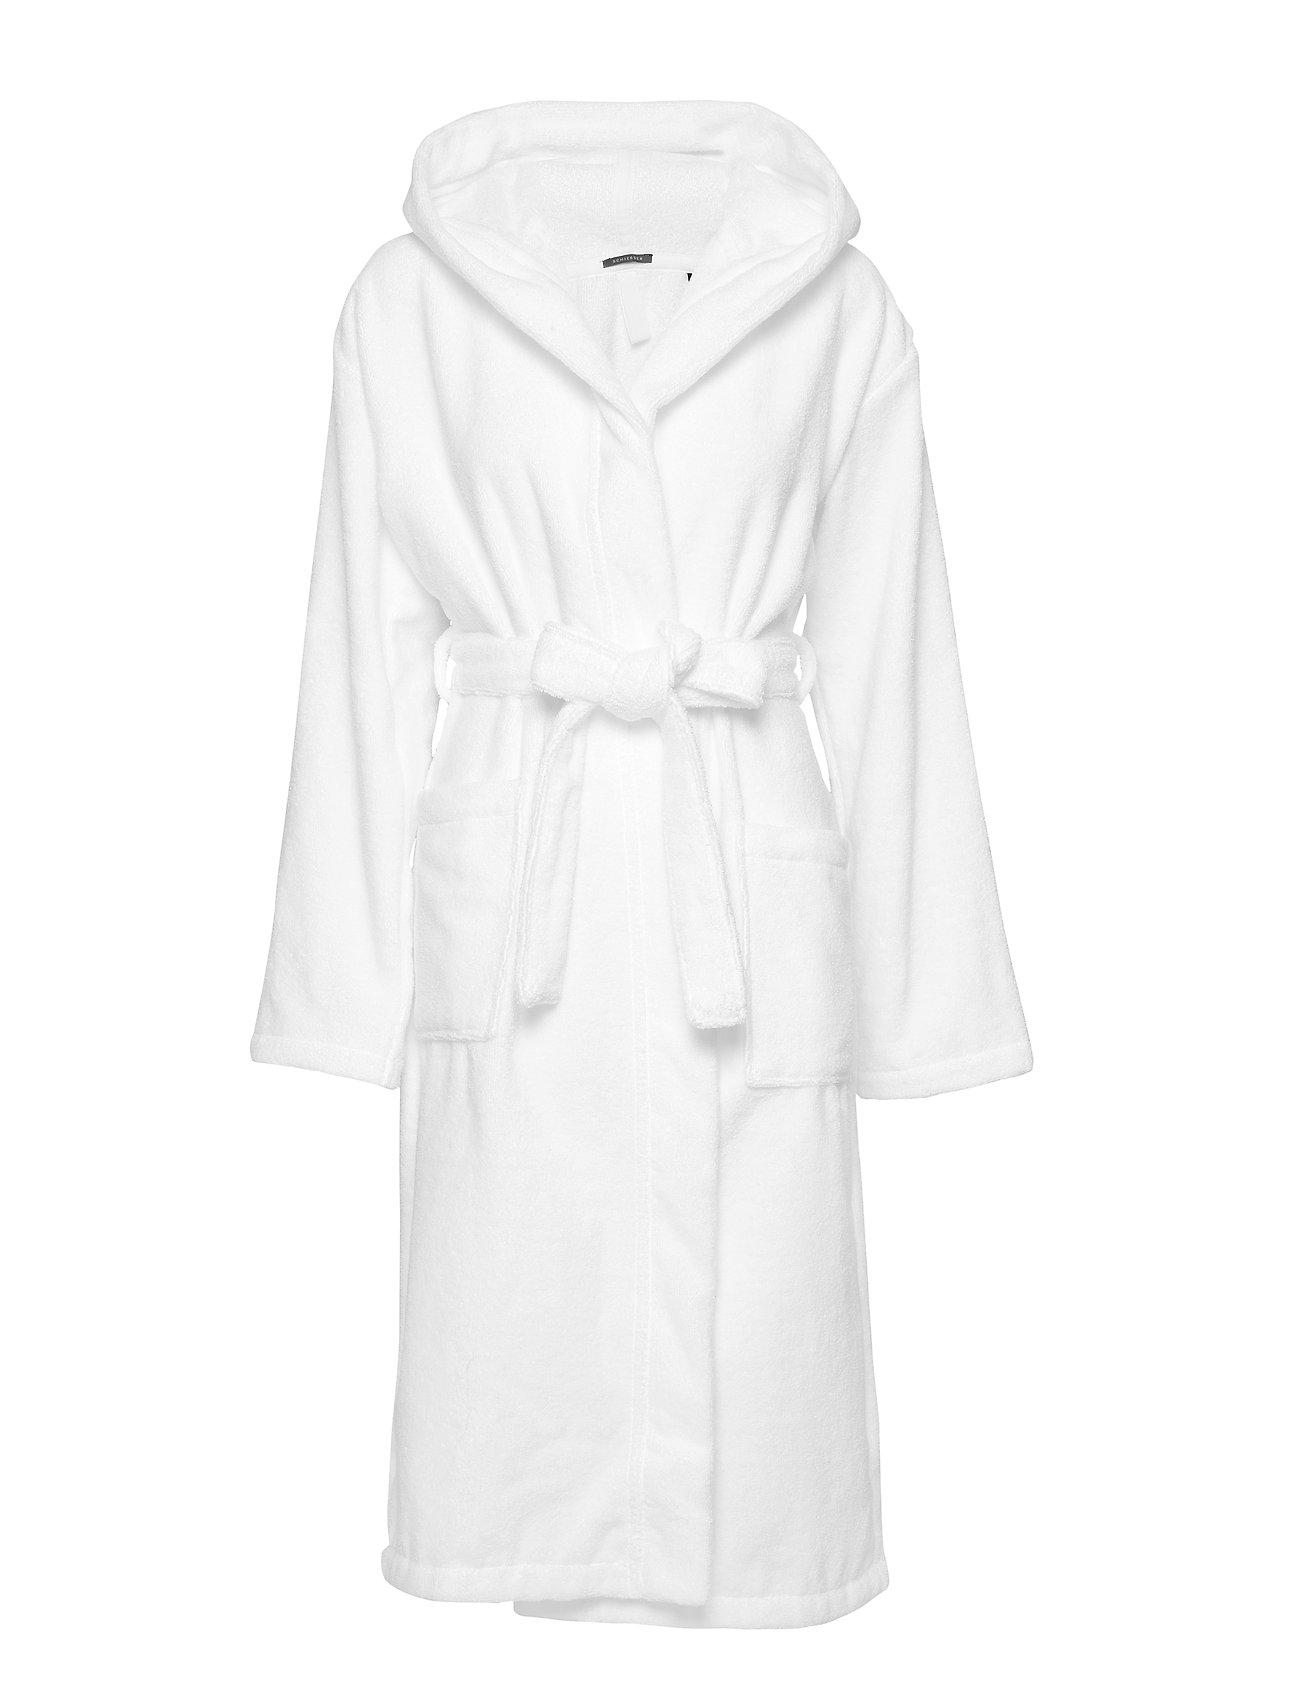 Schiesser Bath Robe - WHITE